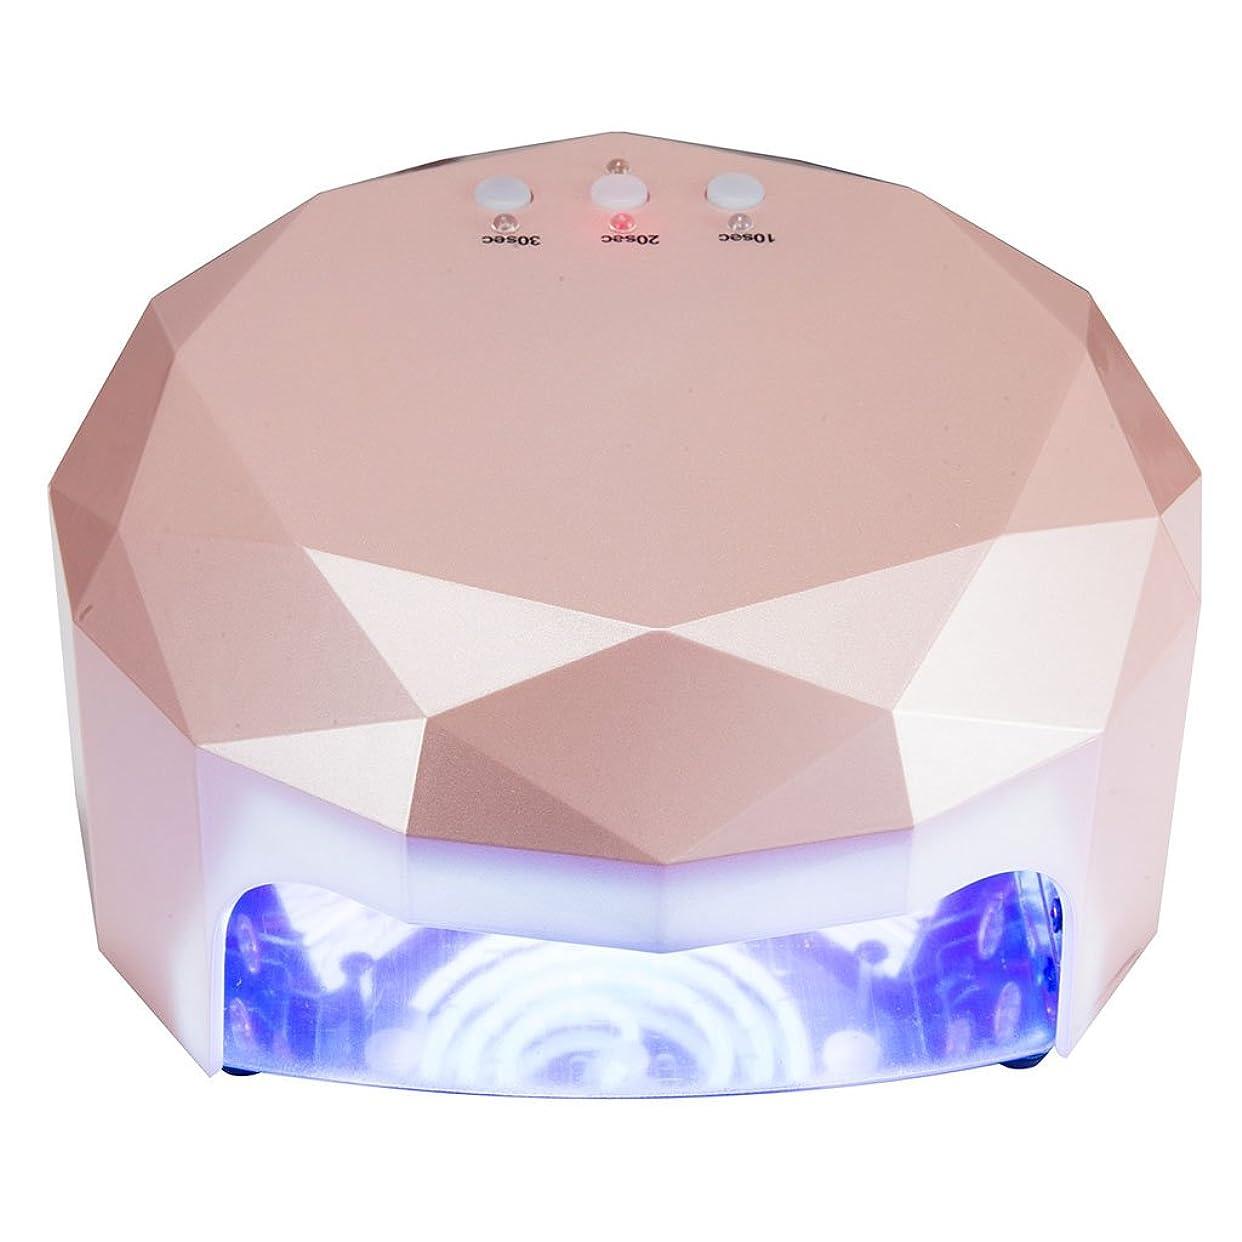 引くイブニング乱雑なネイル光線療法機 ネイルドライヤー-48w LEDネイル光線療法装置誘導光線療法ネイルマシンネイルドライヤー